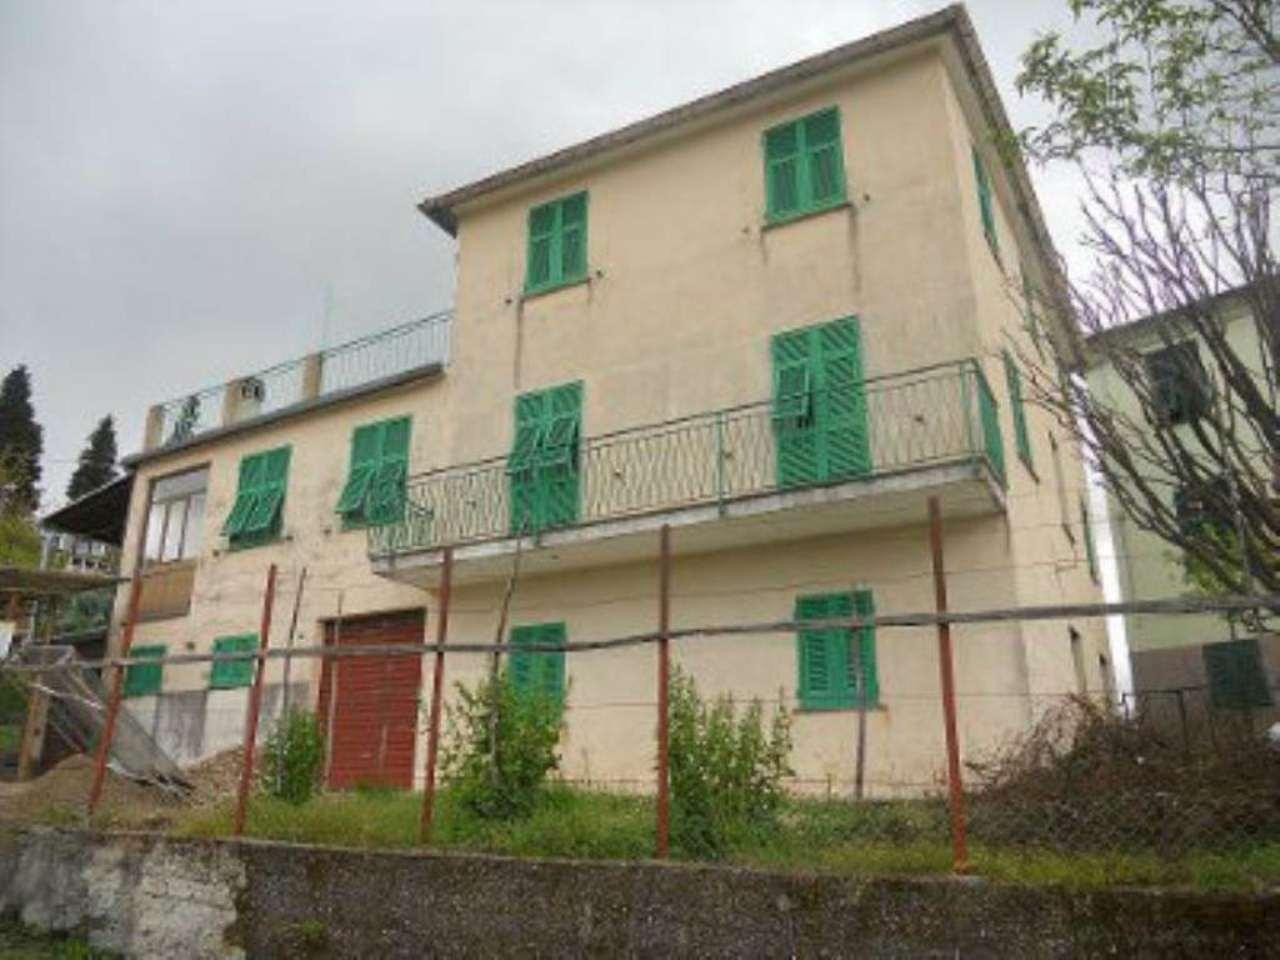 Magazzino in vendita a Cicagna, 9999 locali, prezzo € 39.000 | CambioCasa.it